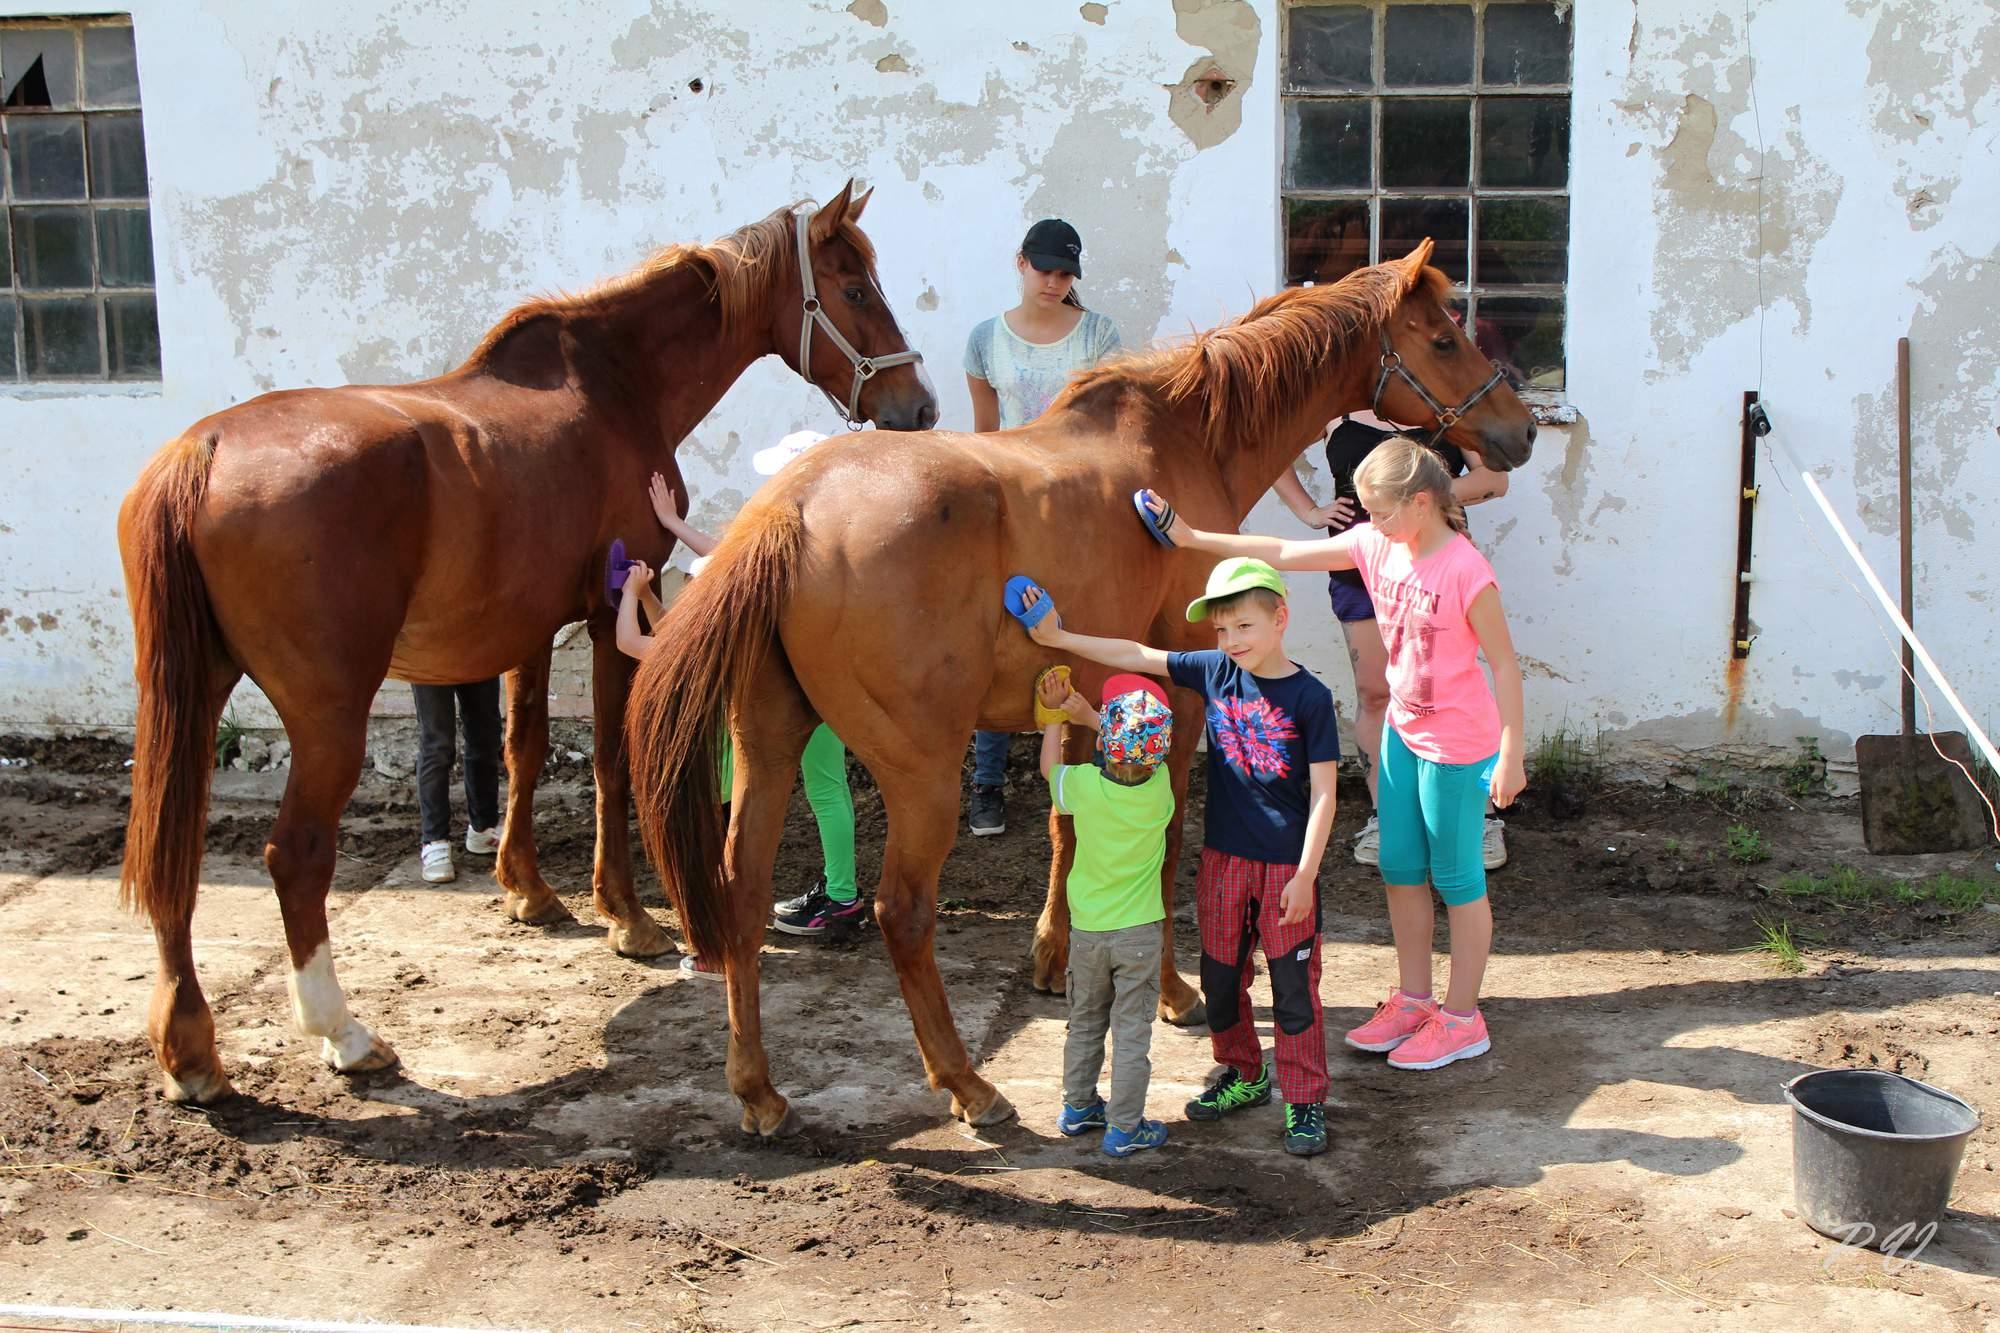 tábory u koní, tábory s koňmi, jízda na koních, vyjížďky na koních, Valašské klobouky, Valašsko, Vsetín, zábava pro děti